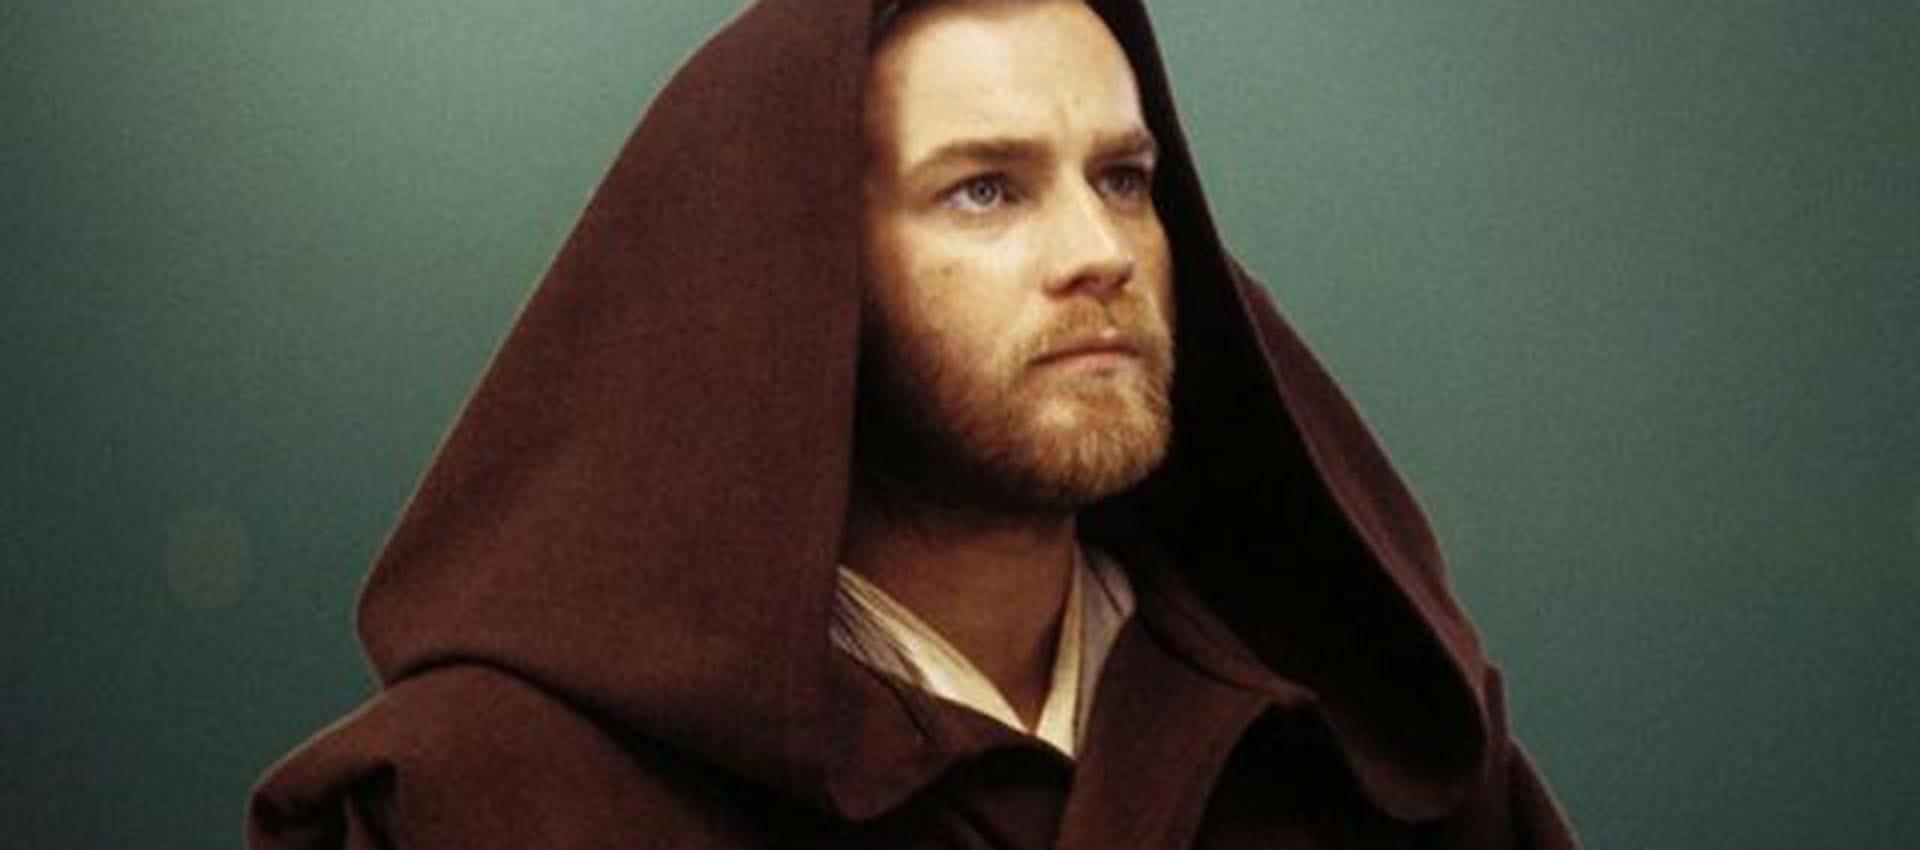 Obi-Wan Kenobi | Série da Disney+ ganha título oficial